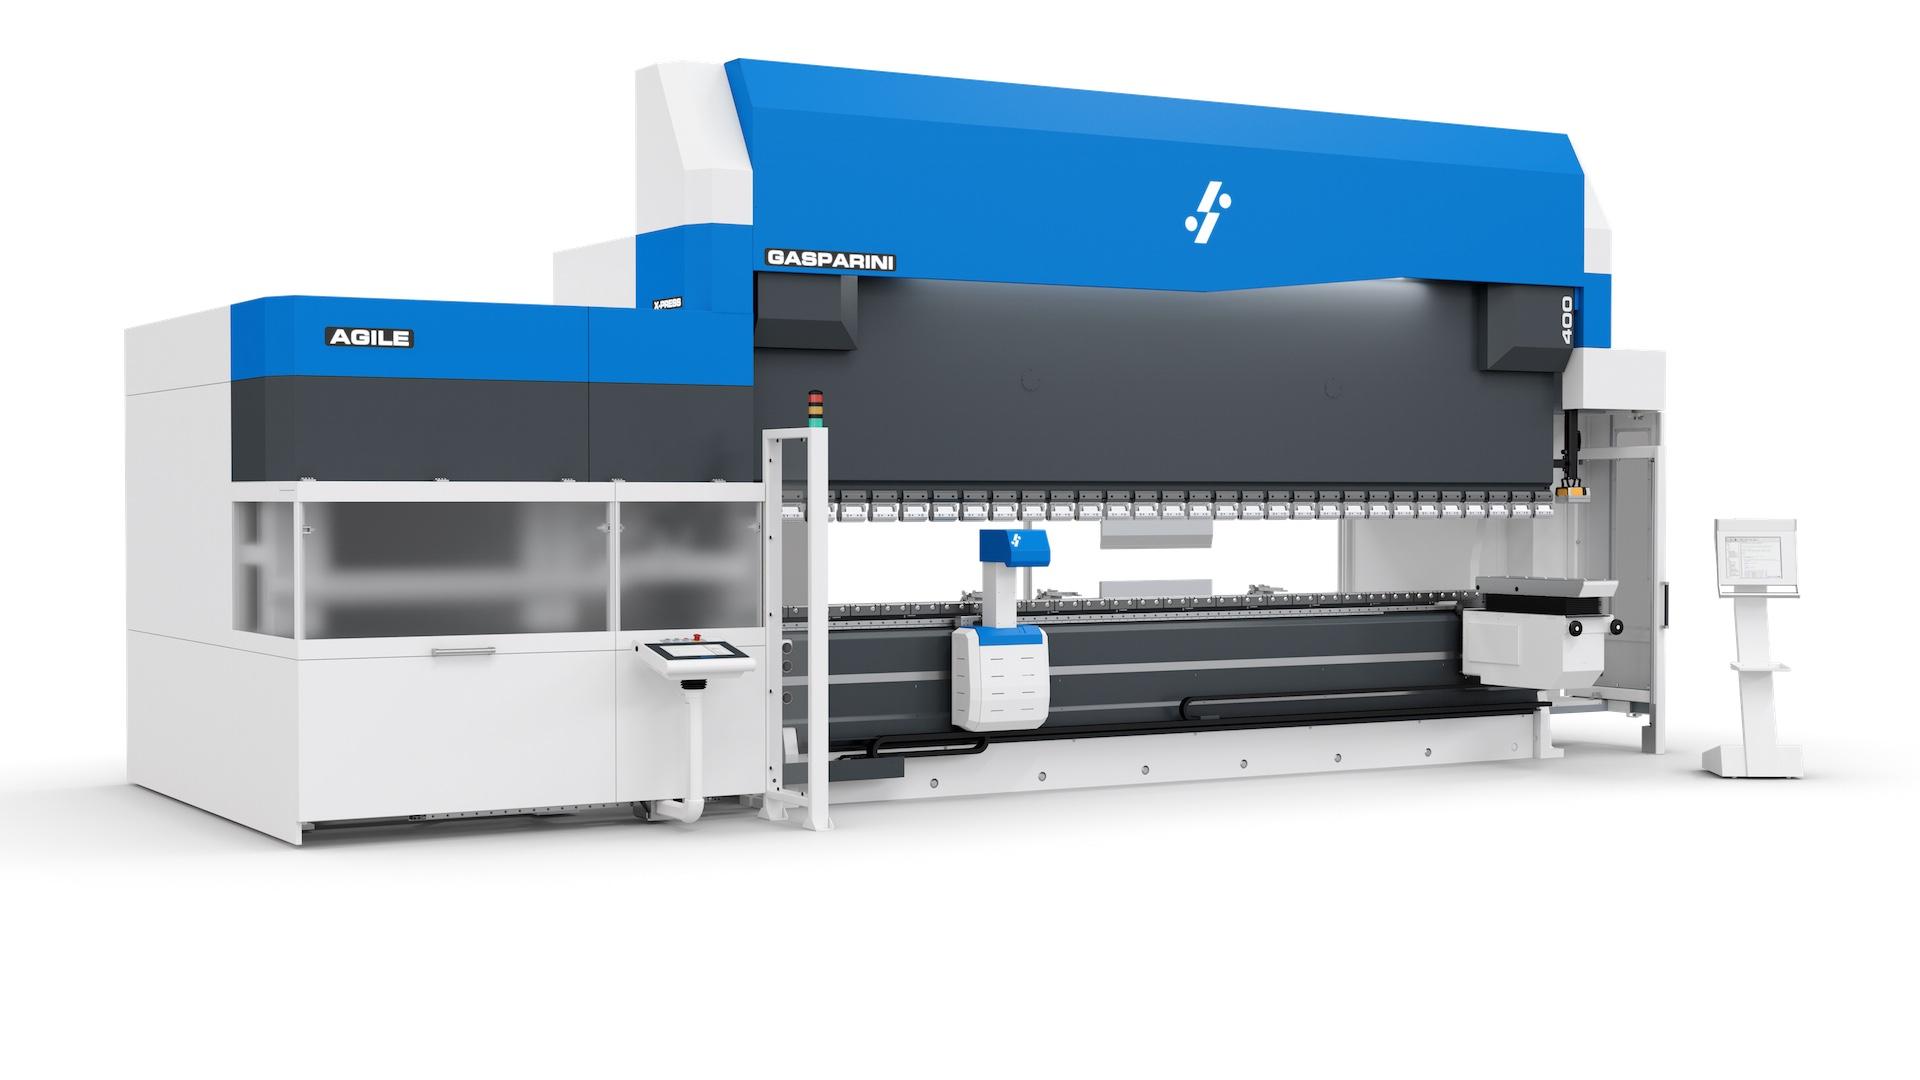 cambiador herramientas automático prensa plegadora